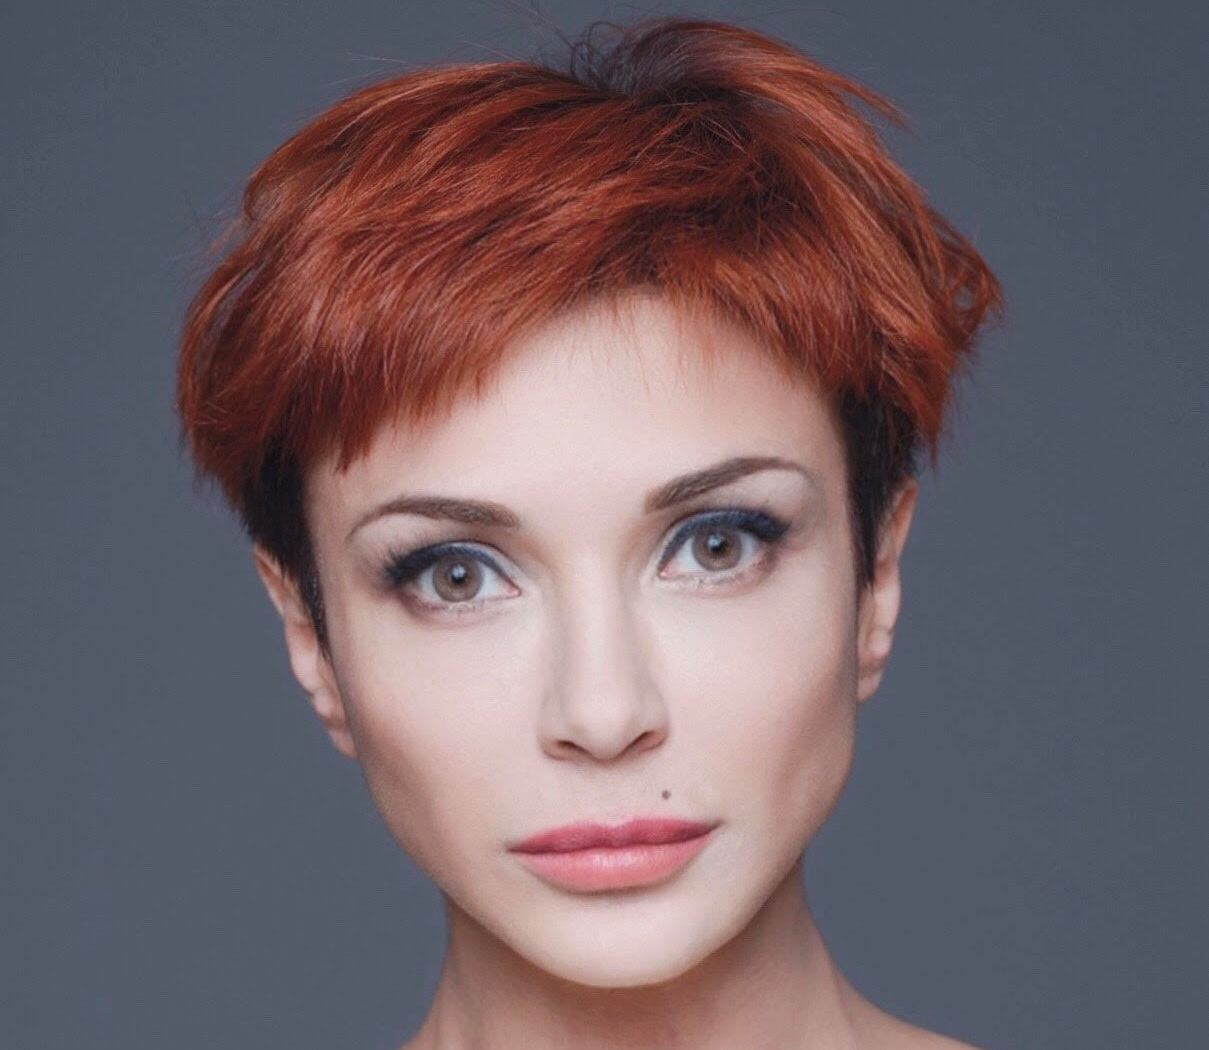 Певица Miralina. Рождённая коронавирусом или музыка будущего?